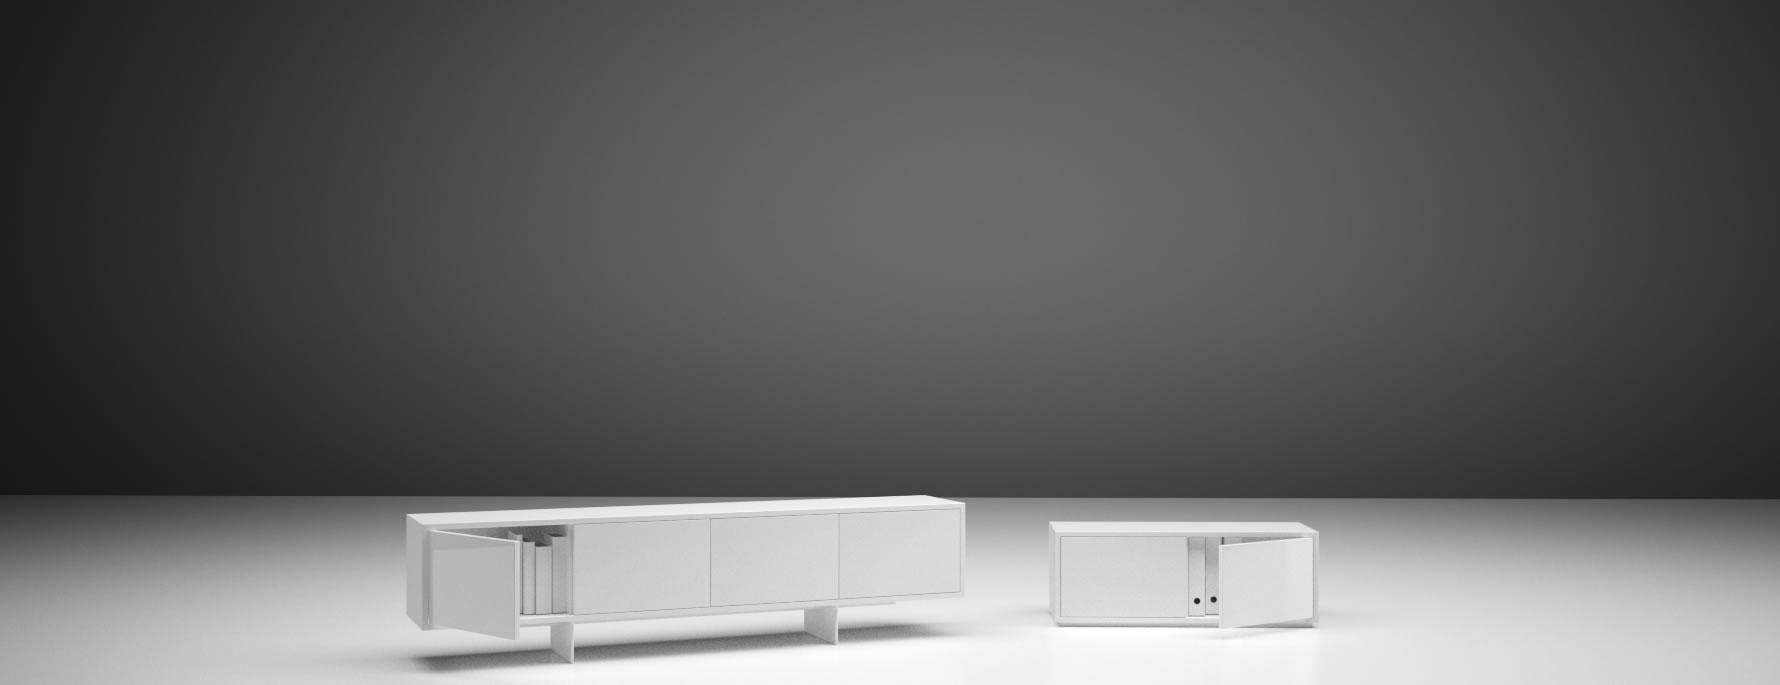 sideboard schwebend affordable erstaunlich sideboard hngend wei sideboard hngend flur grafffit. Black Bedroom Furniture Sets. Home Design Ideas